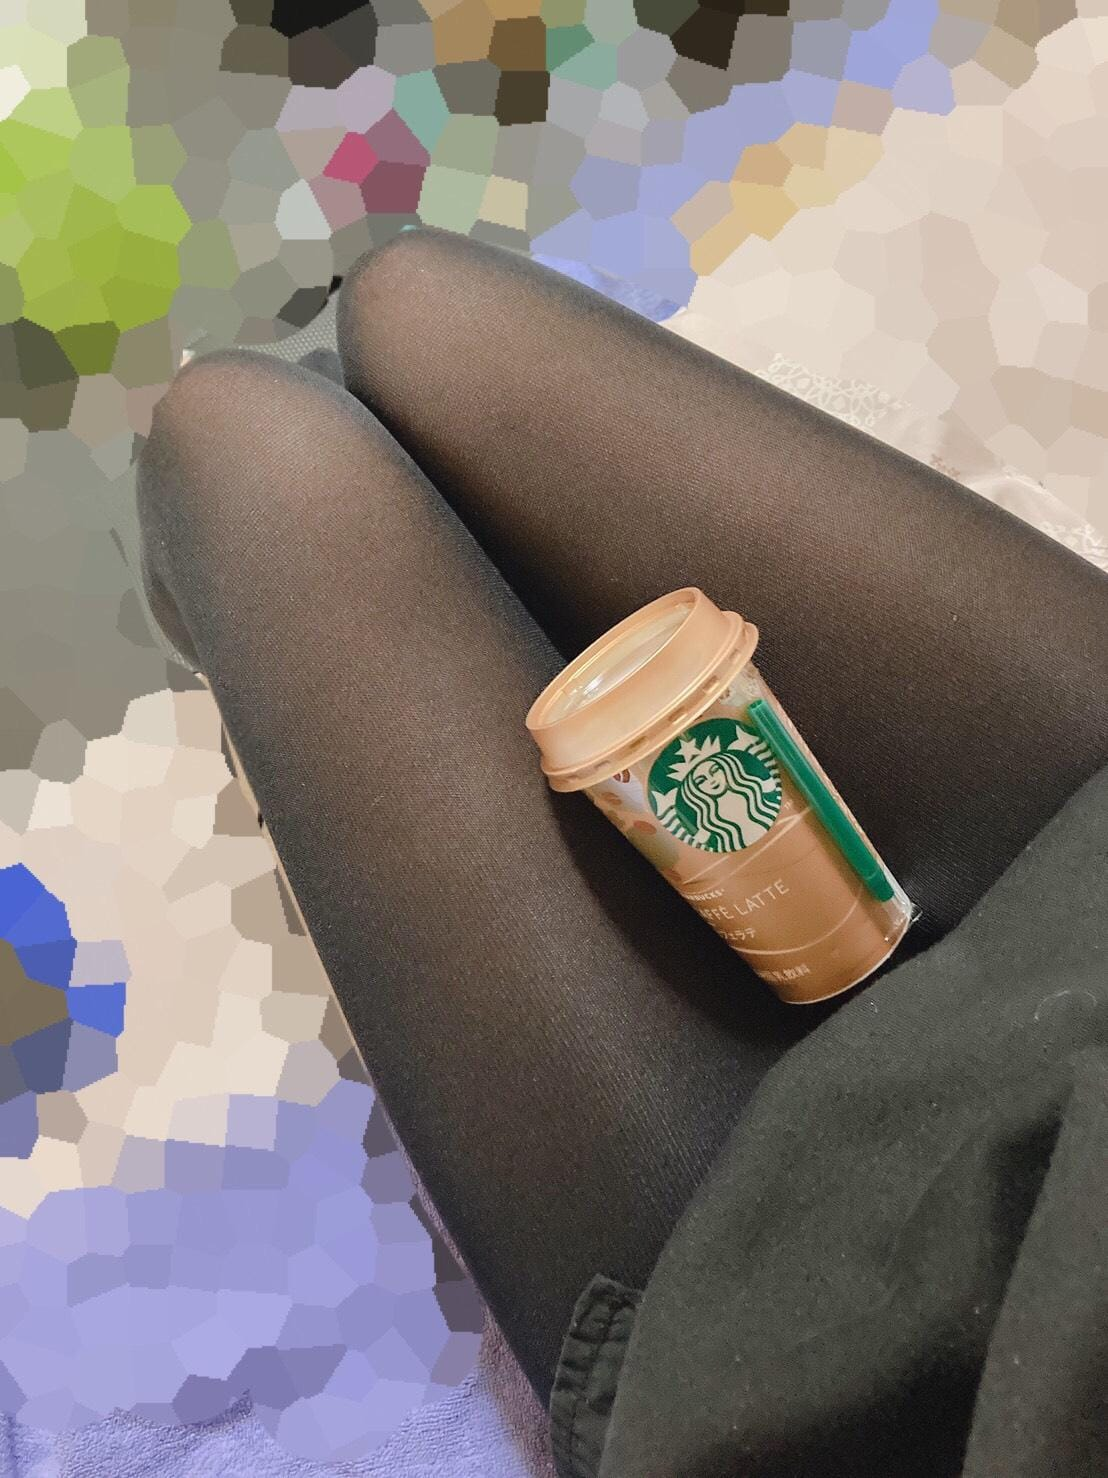 「ありがとう♥」01/17(01/17) 22:38 | みゆきの写メ・風俗動画